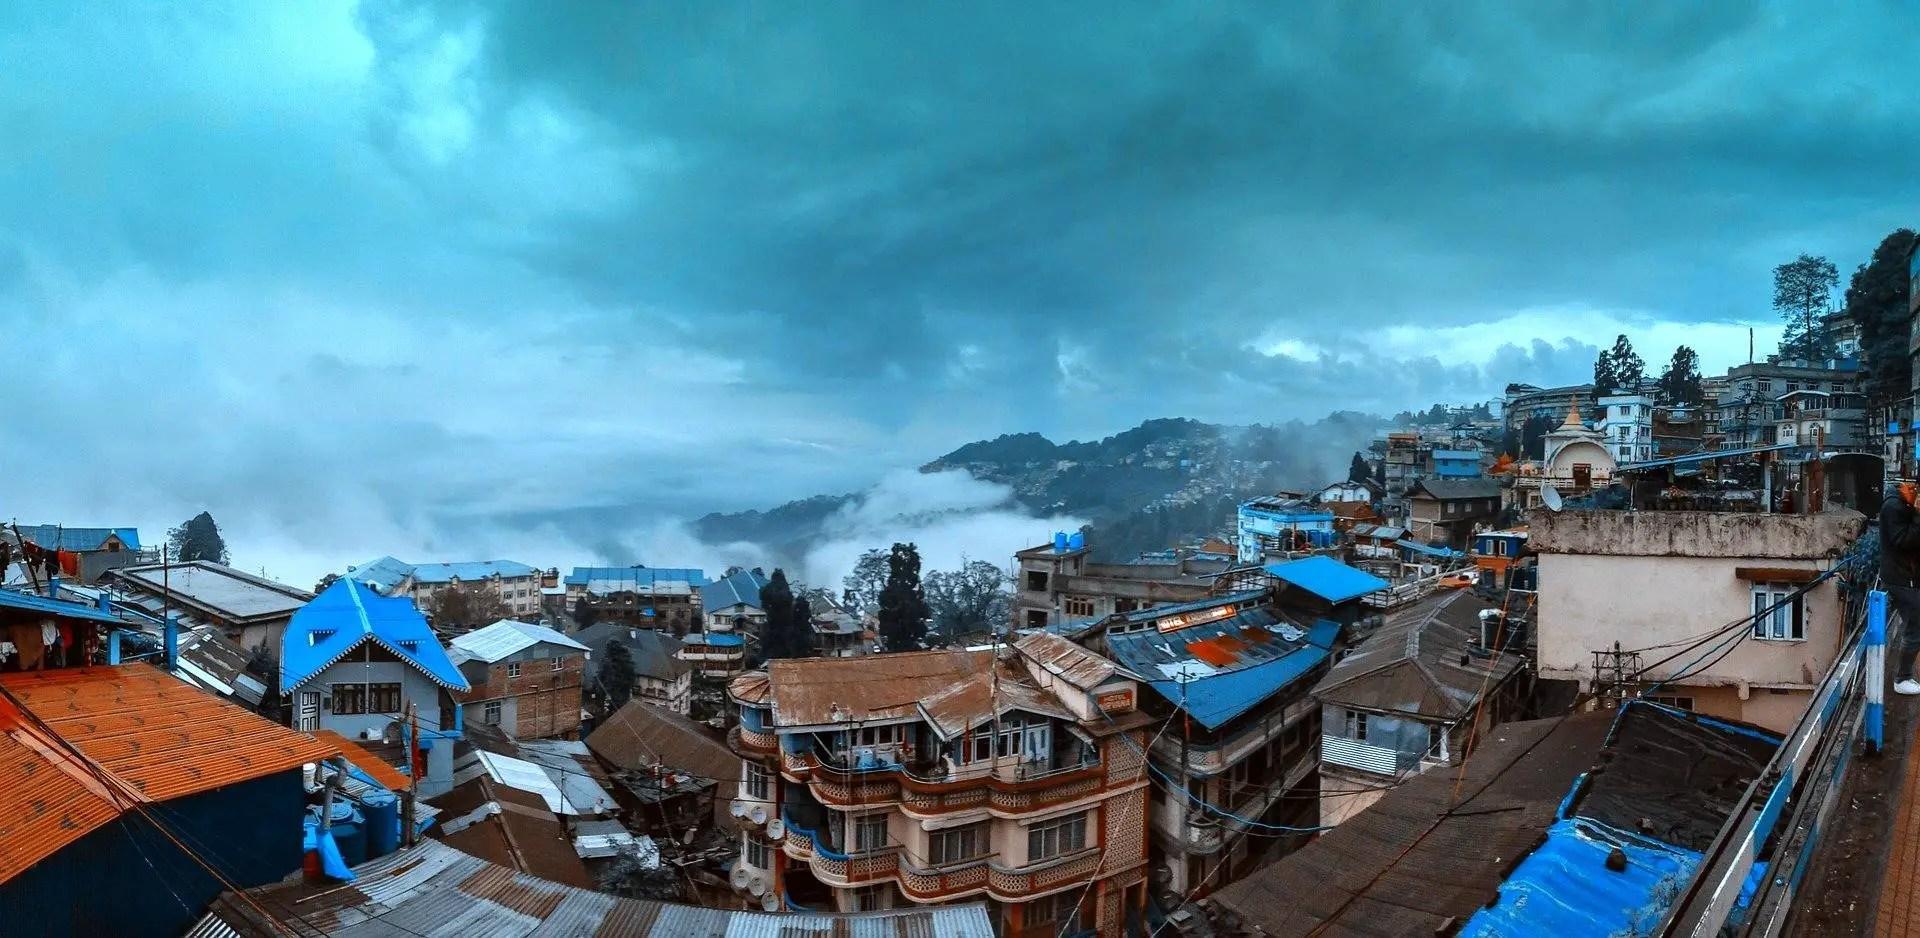 7 Day Kolkata – Kurseong – Darjeeling Travel Itinerary